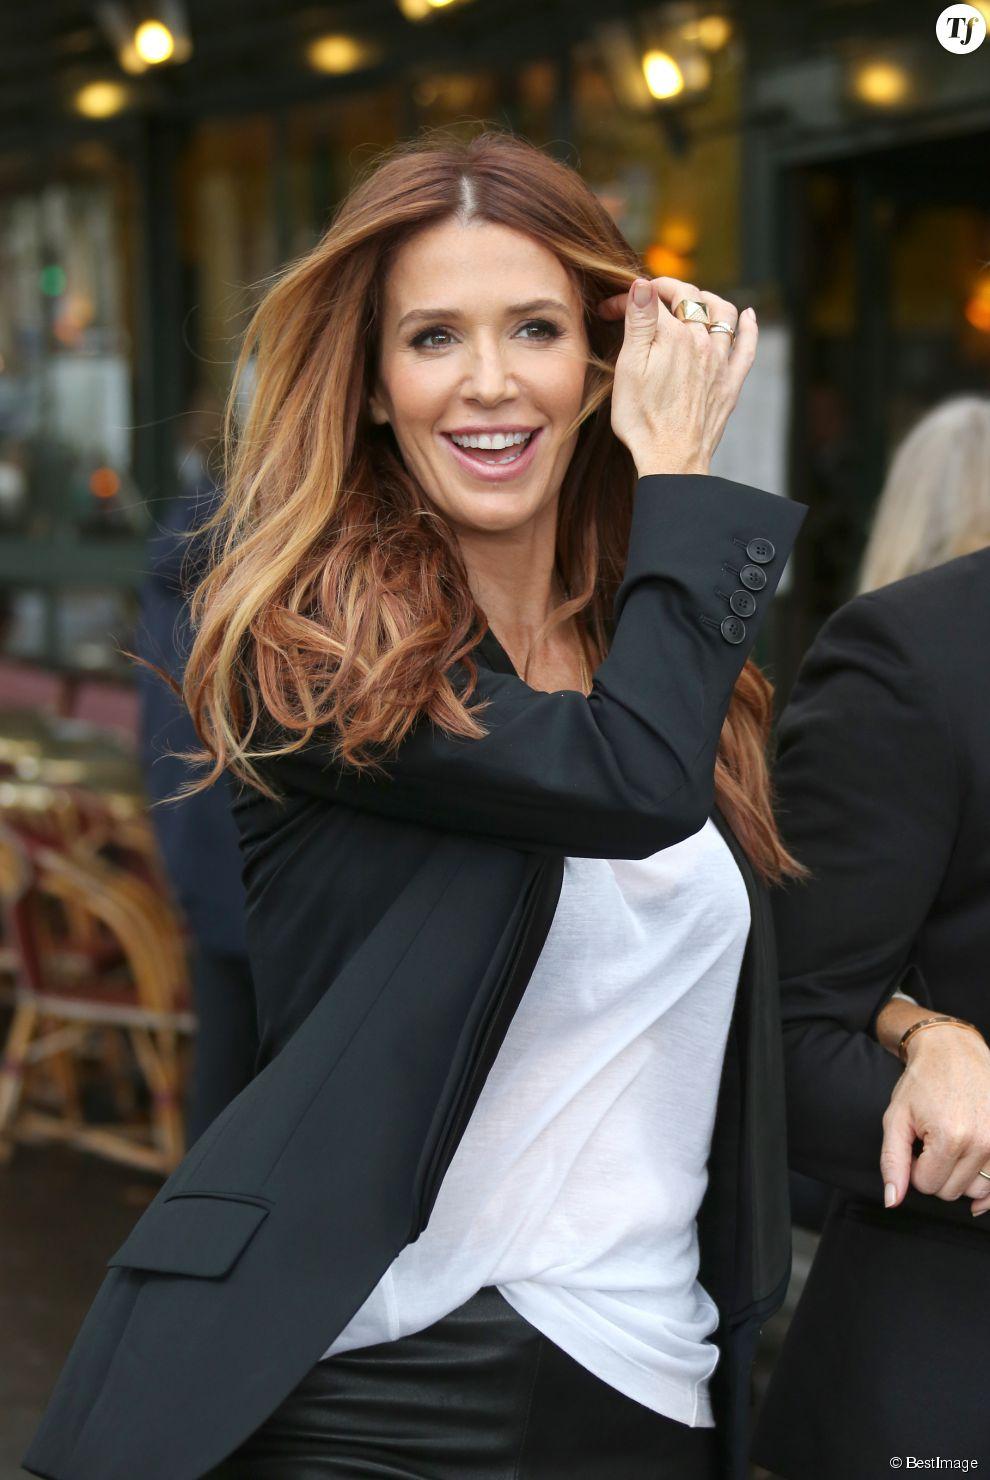 """Poppy Montgomery a fait un shooting photo dans le cafe """"Grand Corona"""" place de l'Alma a Paris. Elle est en promotion pour TF1 de la serie """"Unforgettable"""". Le 24 septembre 2012"""